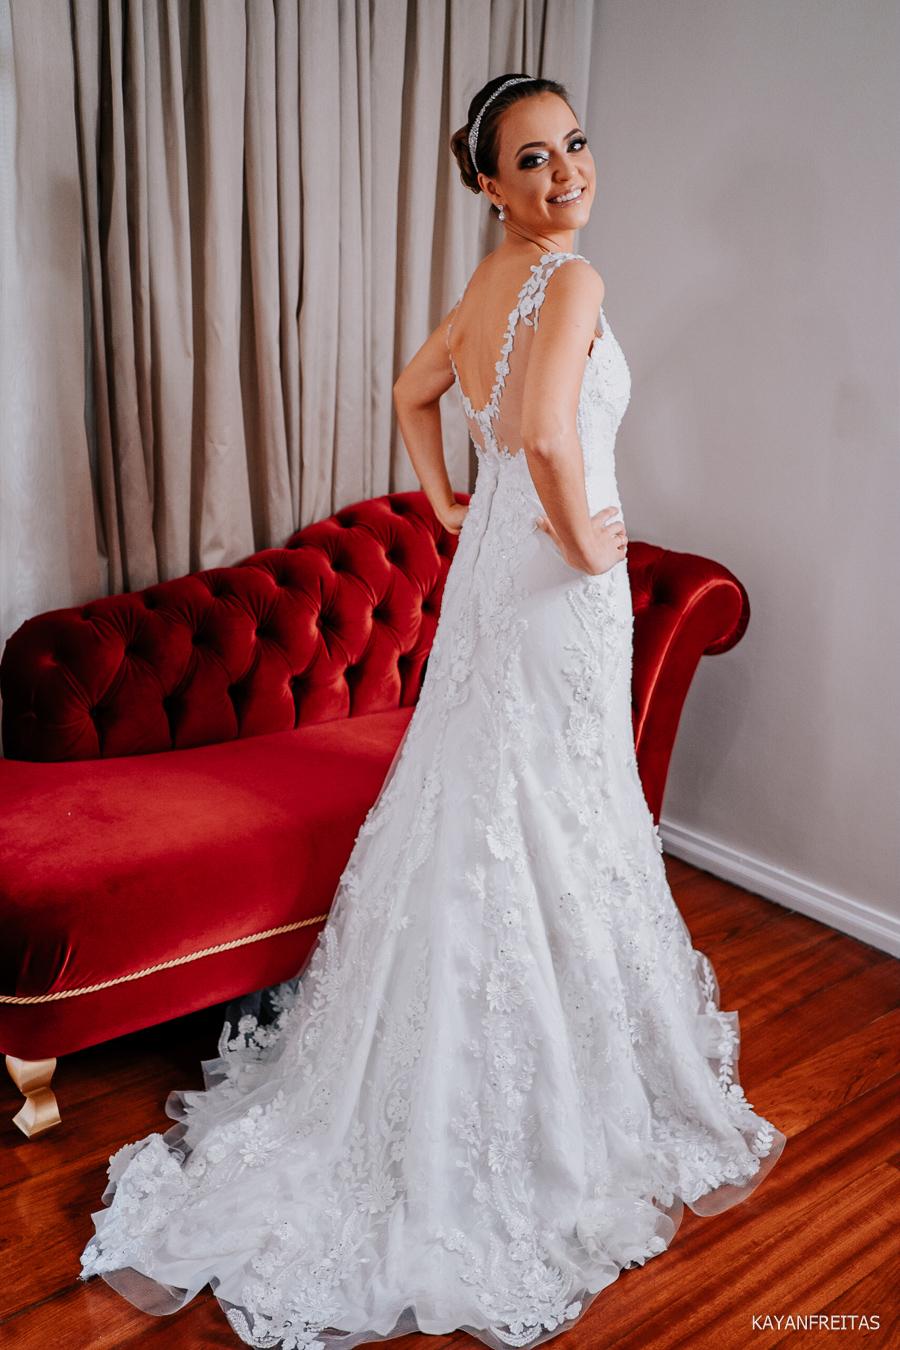 carol-eduardo-casamento-0033 Casamento Carol e Eduardo - São José / SC